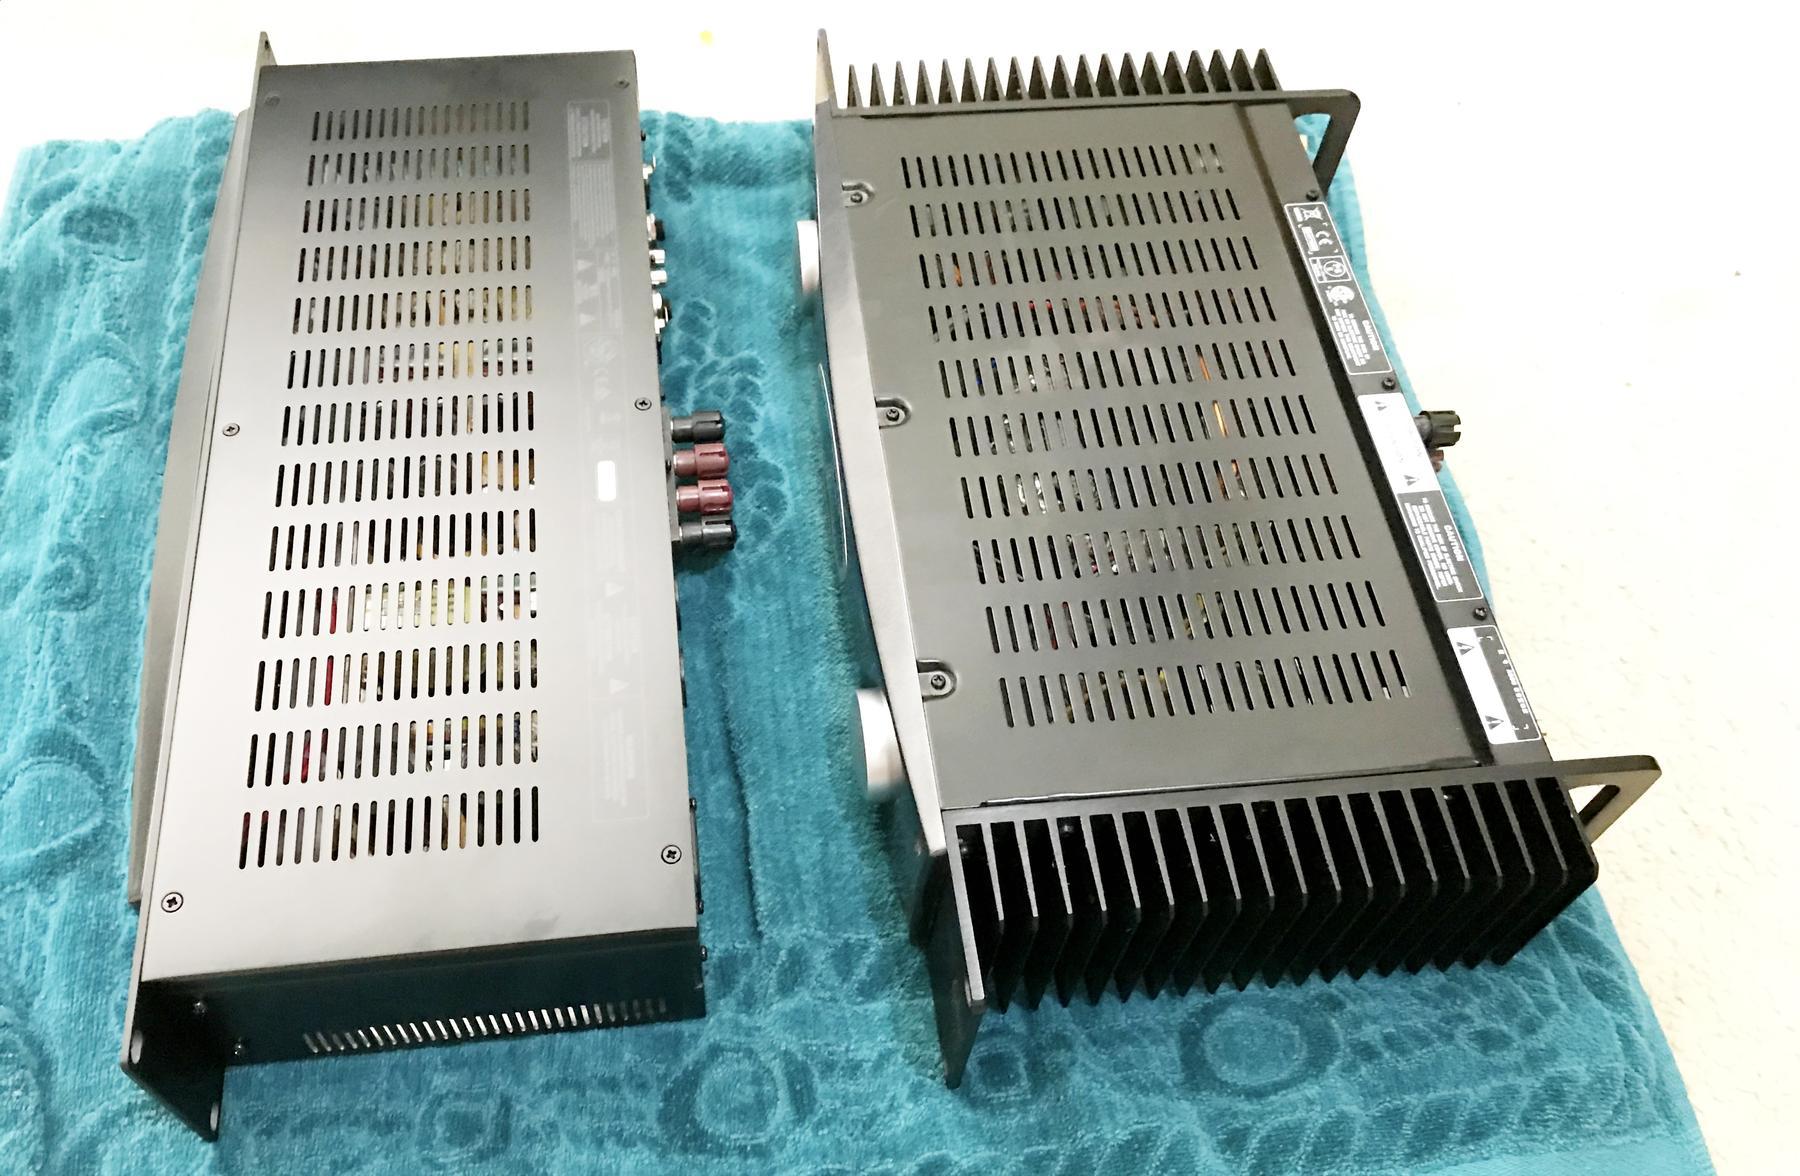 Behringer A800 (2x400W o 1x800W in classe D) - Pagina 12 1C243AAD1E0F01C250250D7FABD4A304.app1_1554295999120_L1800